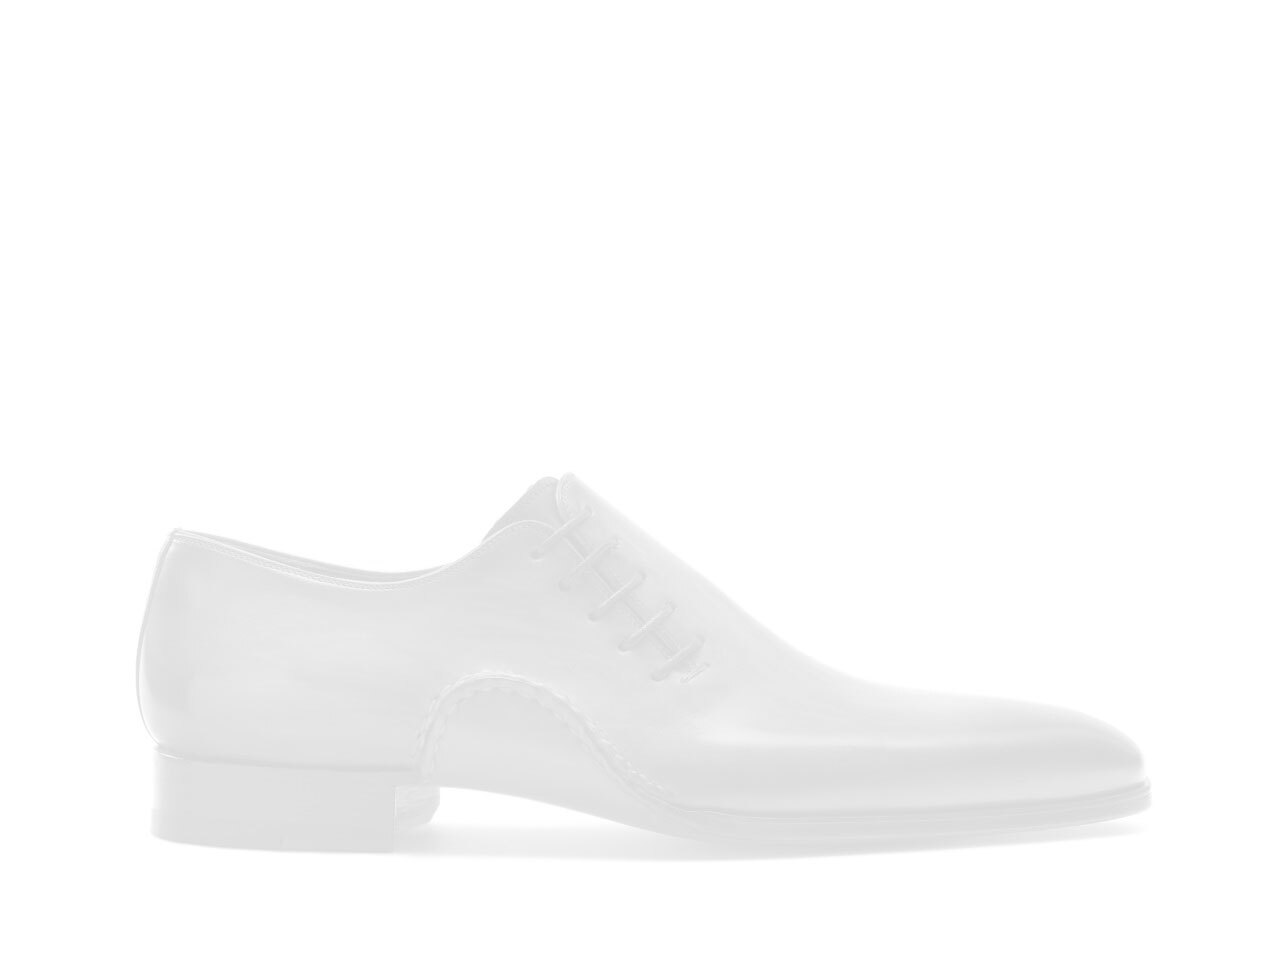 Riley Cognac Men S Leather Chelsea Boots Magnanni